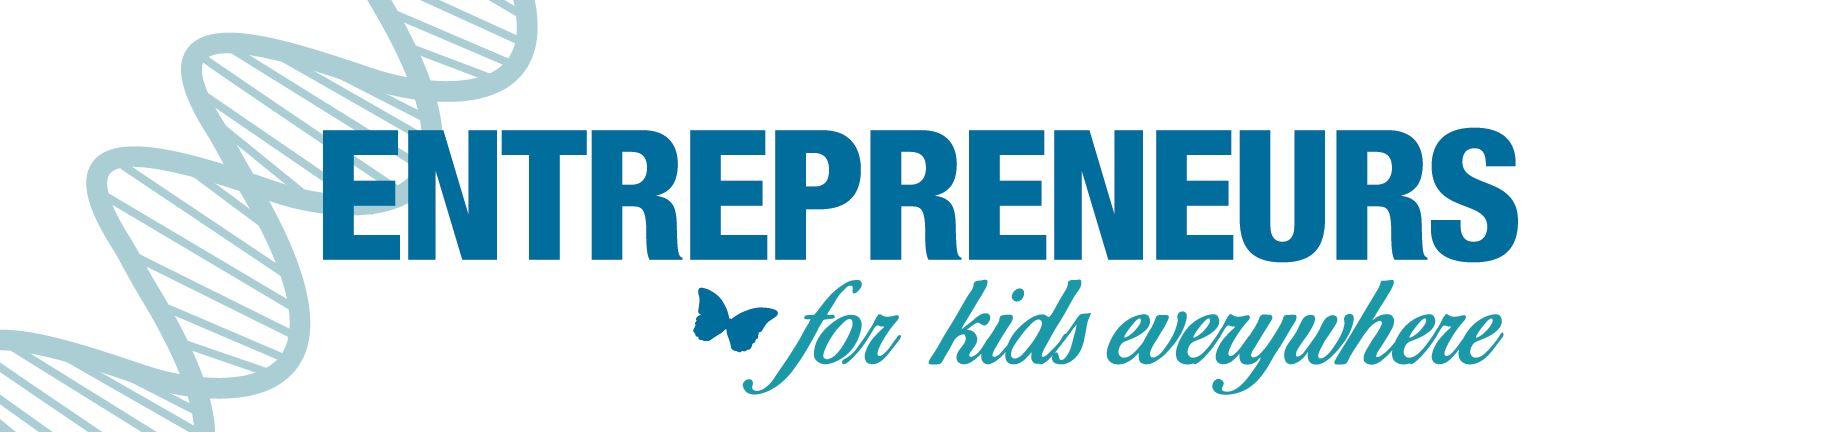 Entrepreneurs 4 Kids logo.jpg